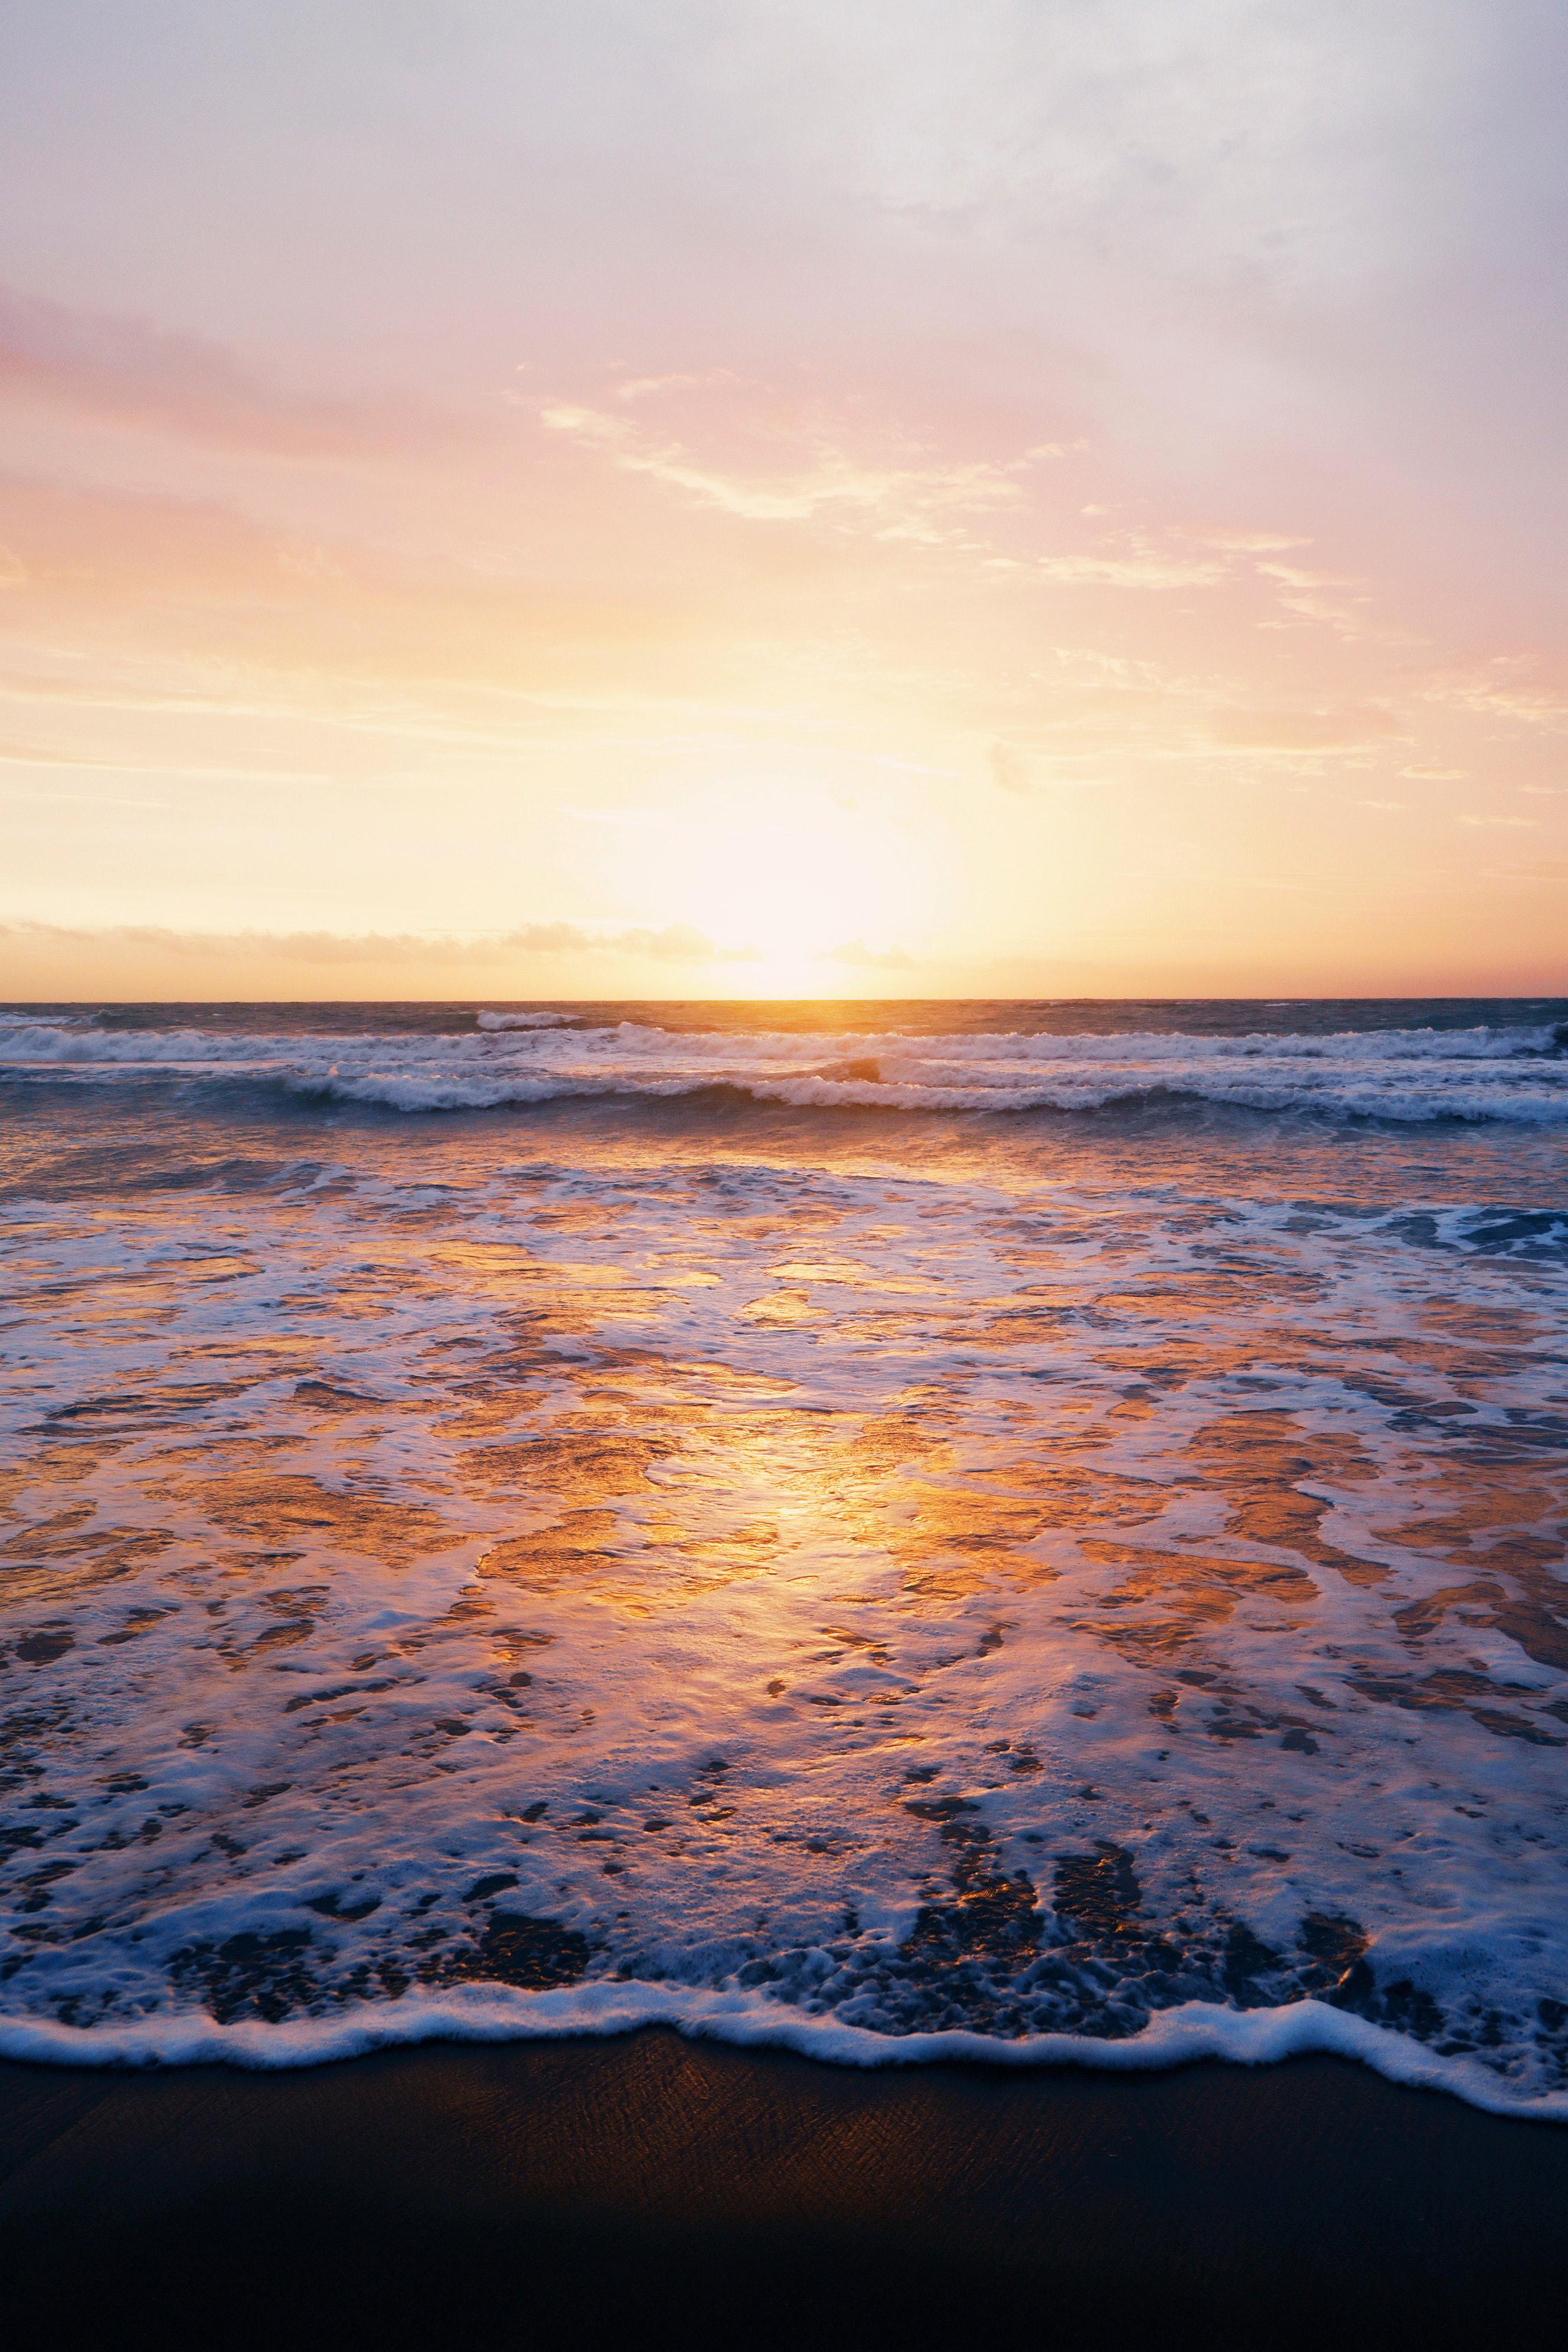 On The Ocean Or In The Ocean